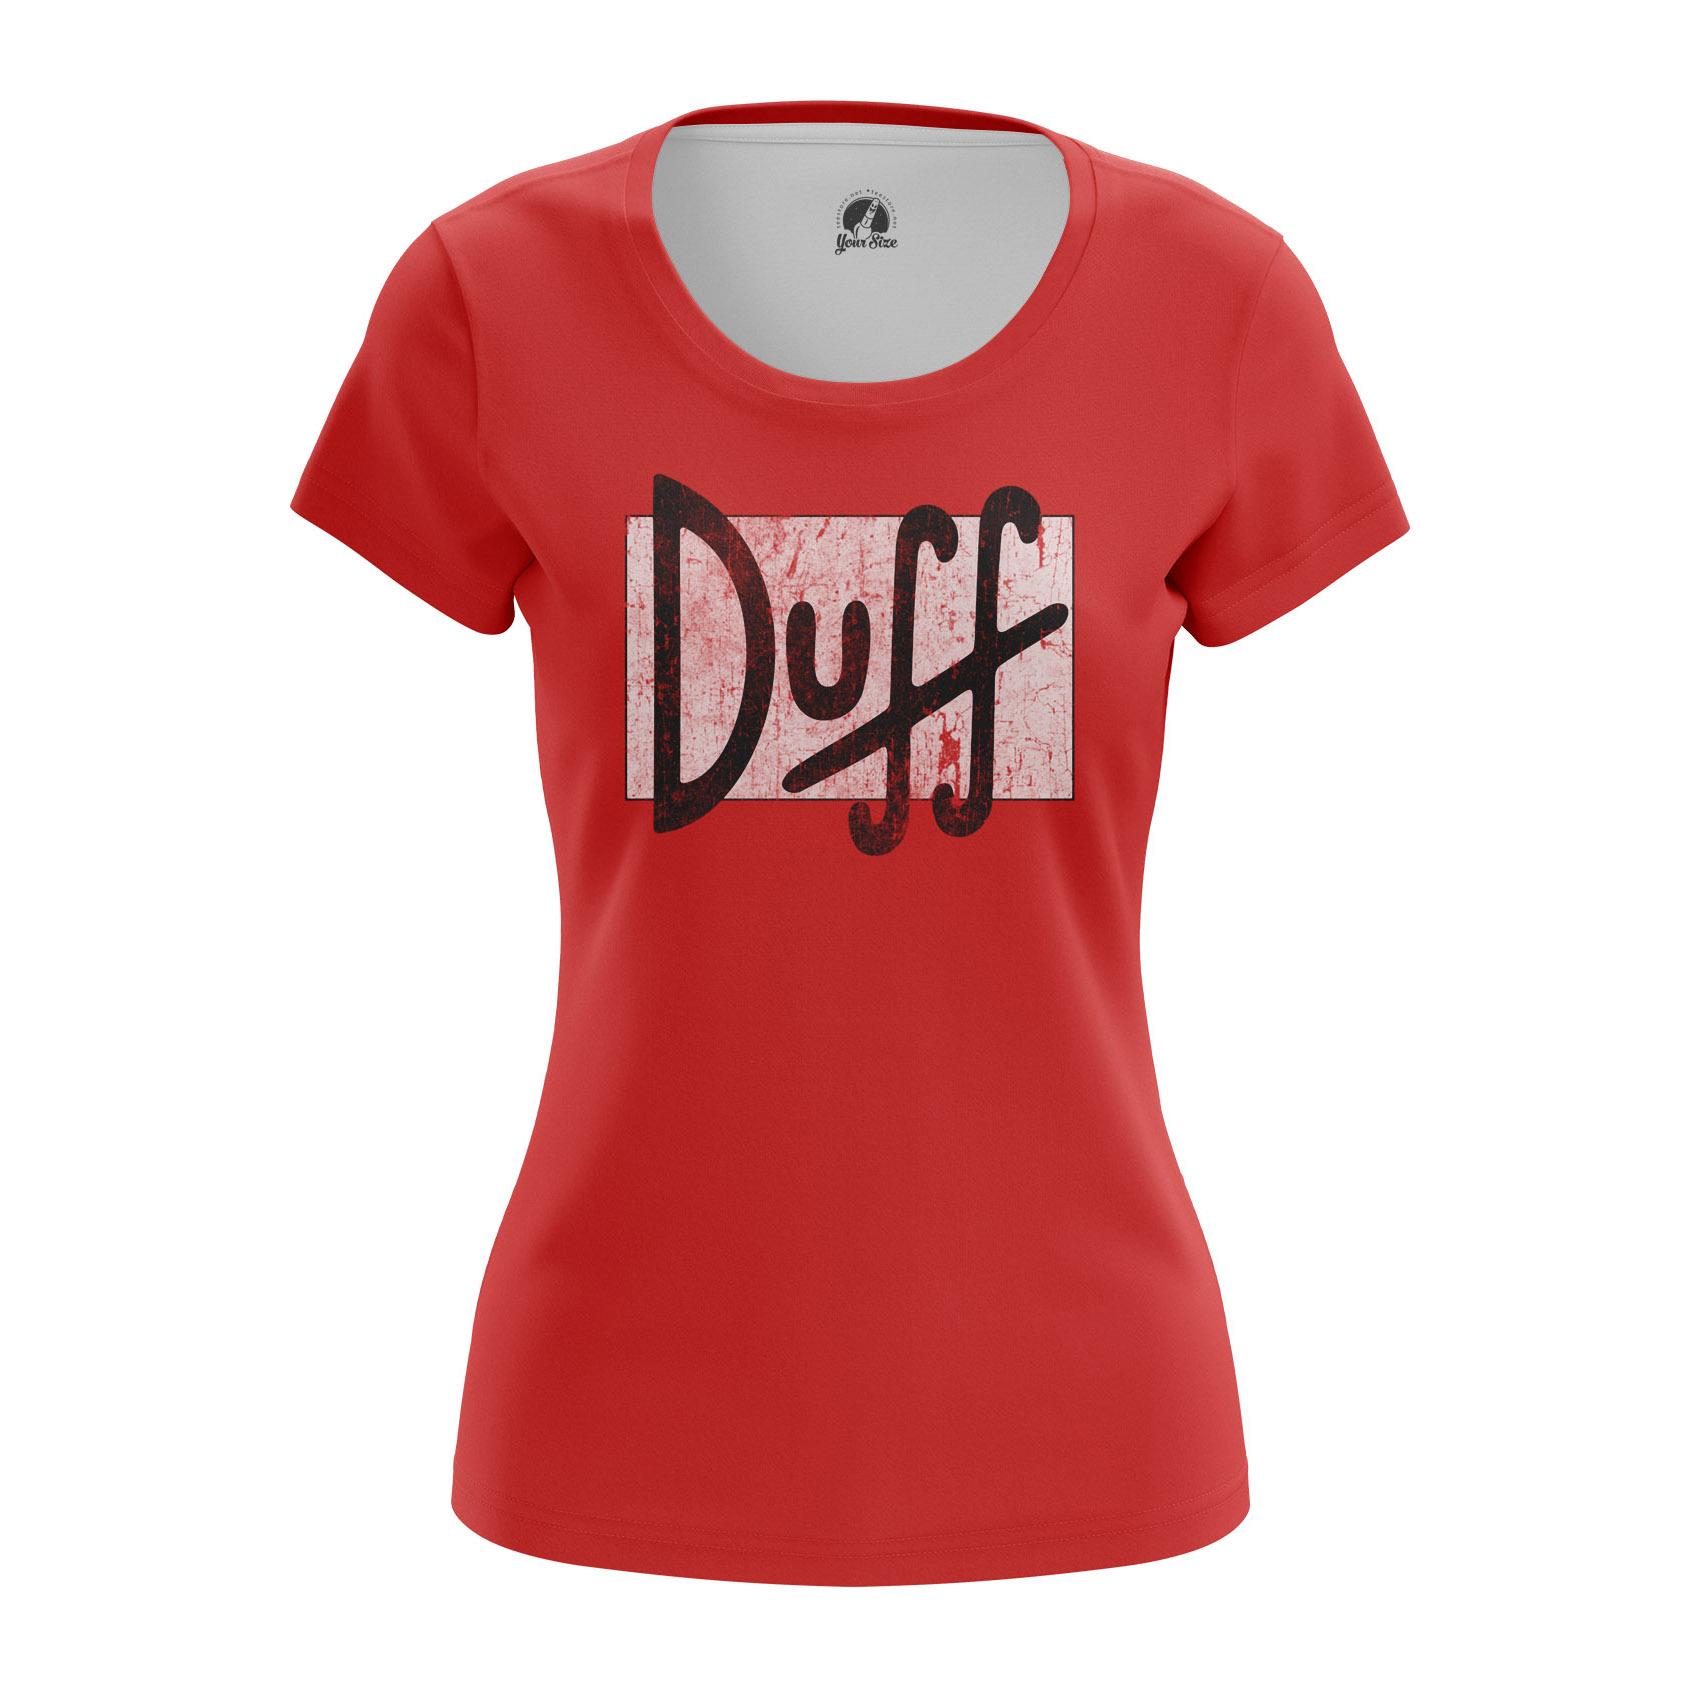 W-Tee-Duff_1482275306_216